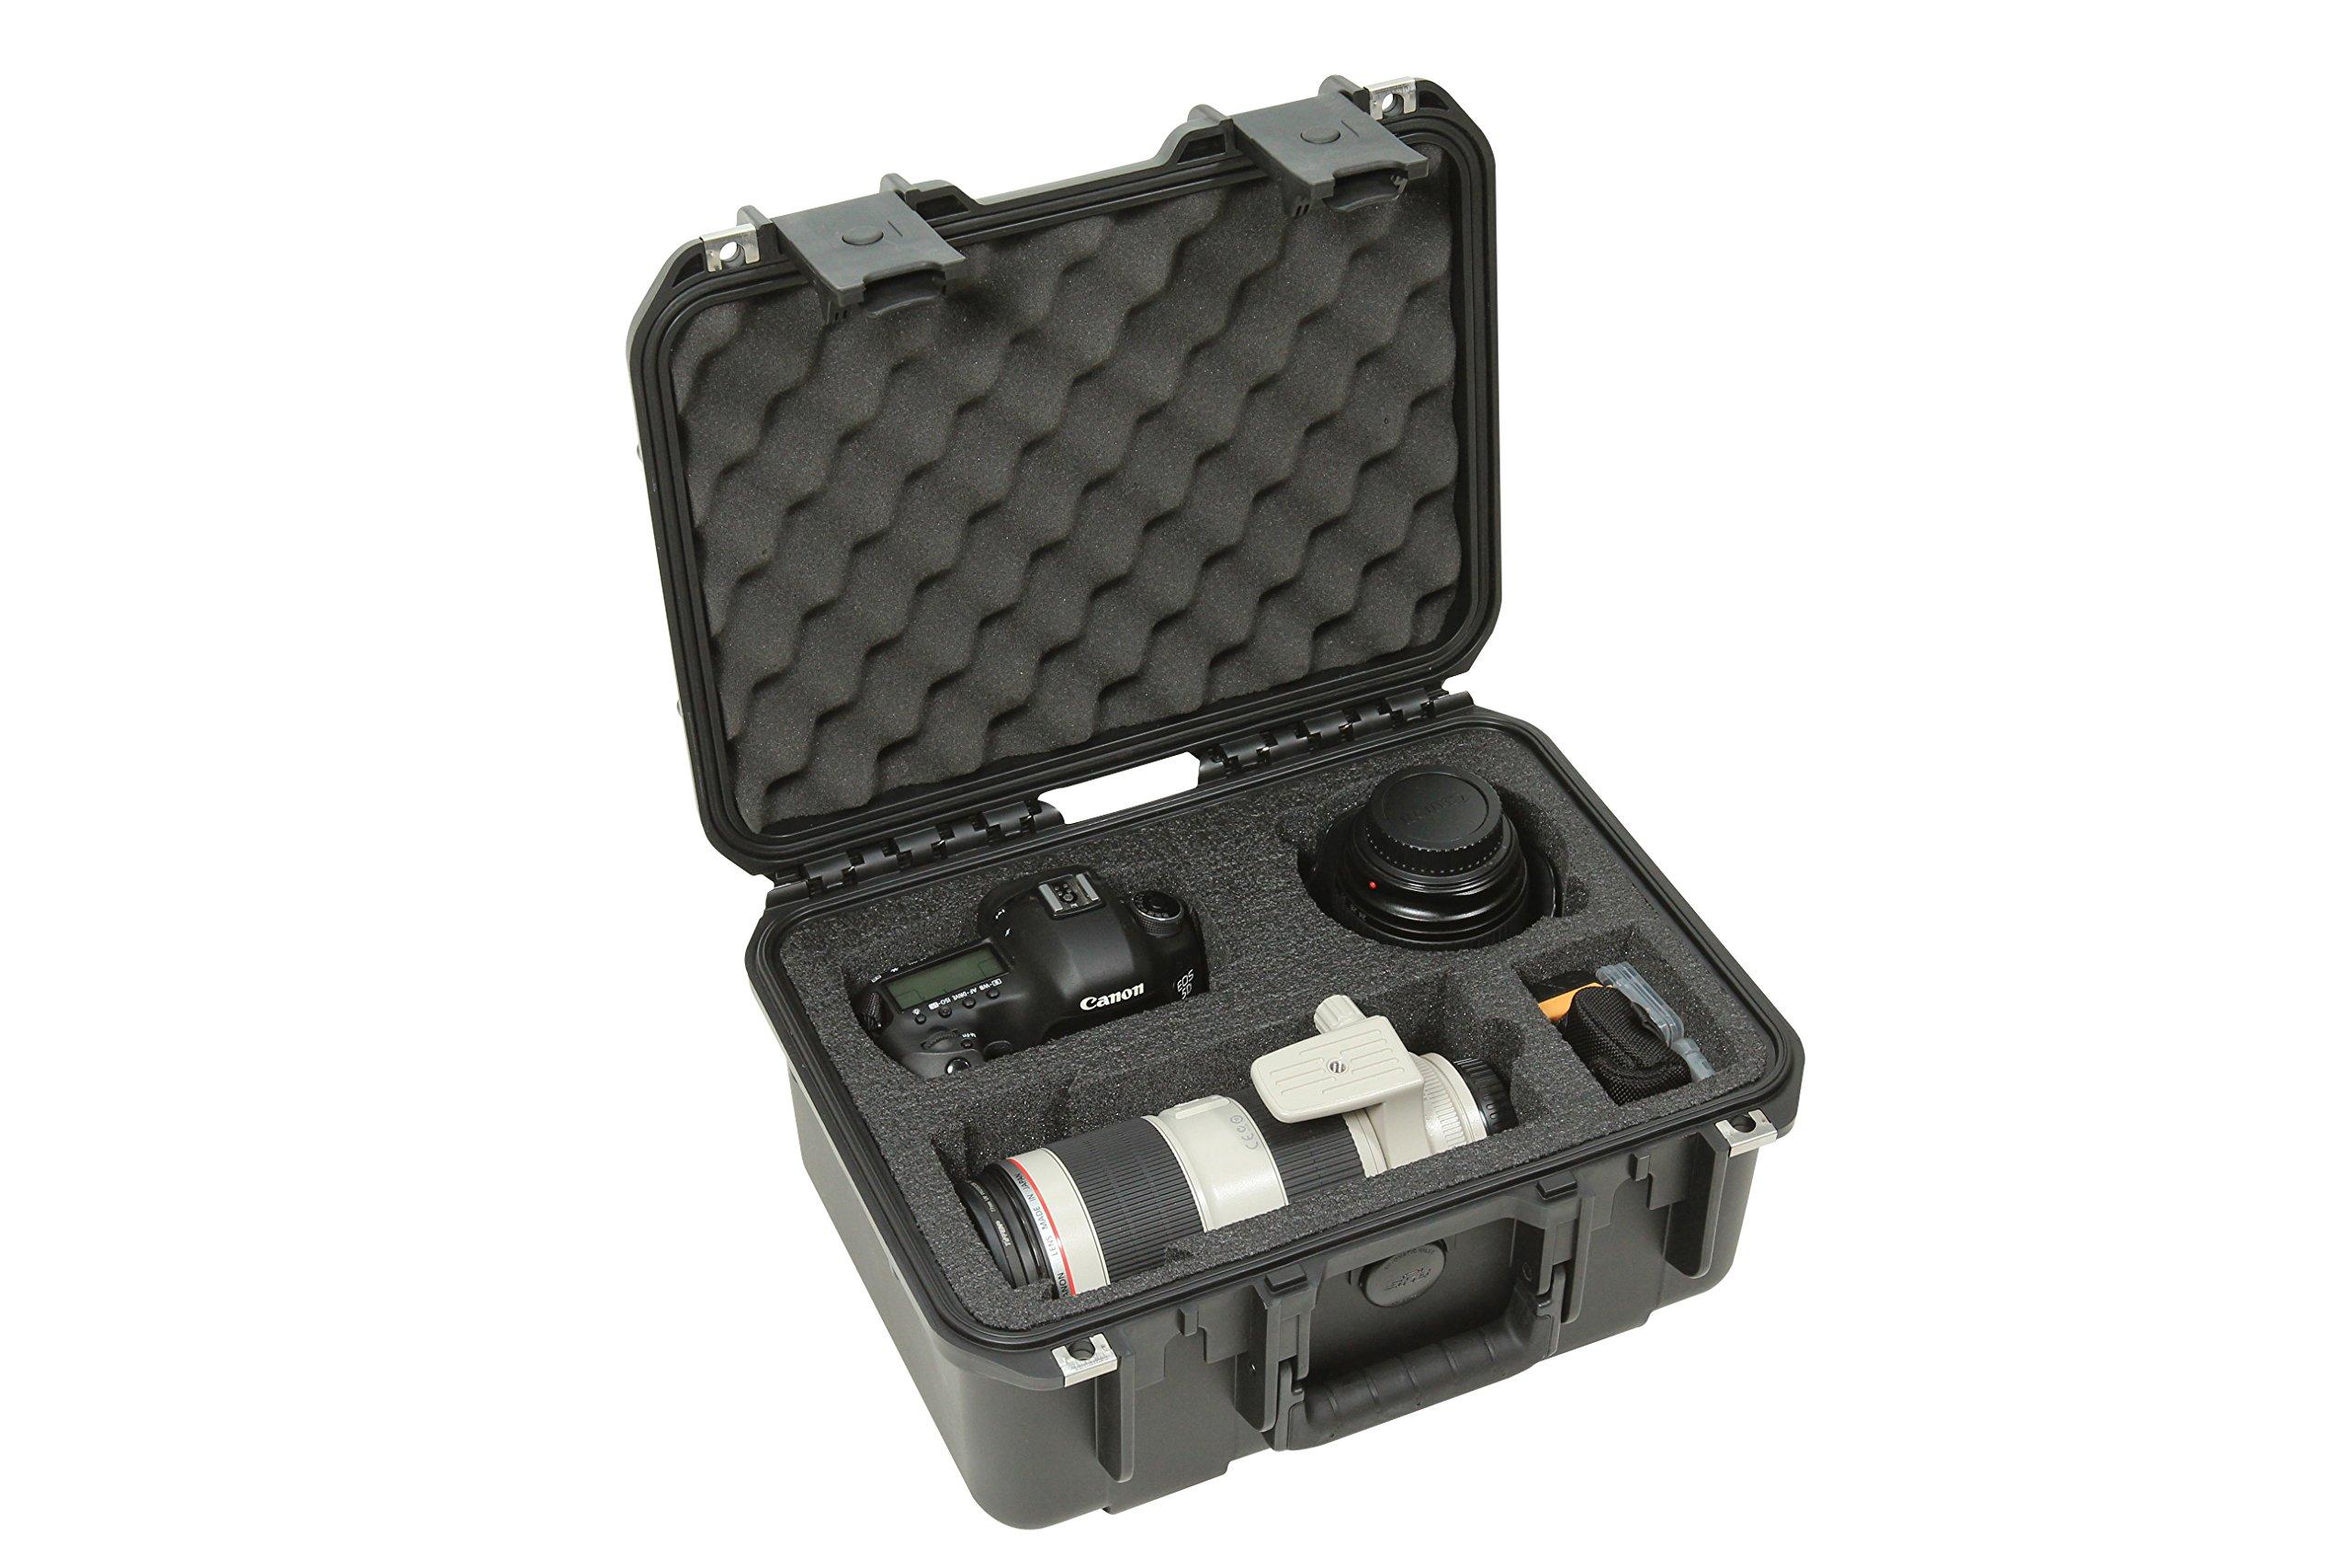 SKB Cases 3I-13096SLR2 SKB iSeries Camera Cases for DSLR with DSLR Body Pocket, Lens Pockets and Accessories (Black)